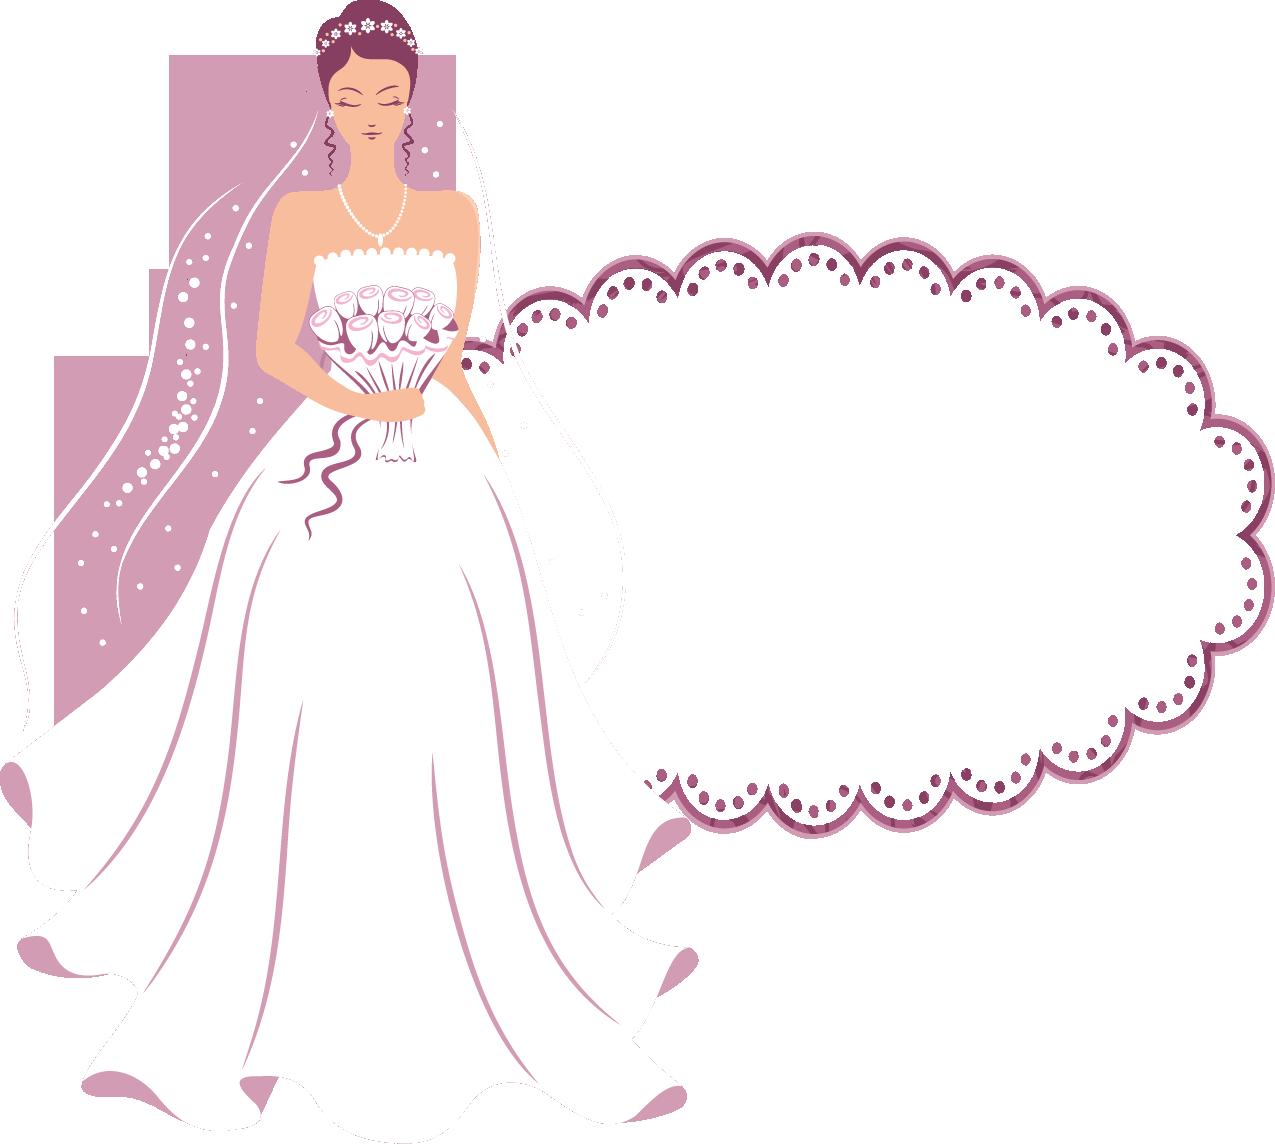 ブライダル ブライダル フレーム イラスト : 結婚のイラストNo.183『フレーム ...